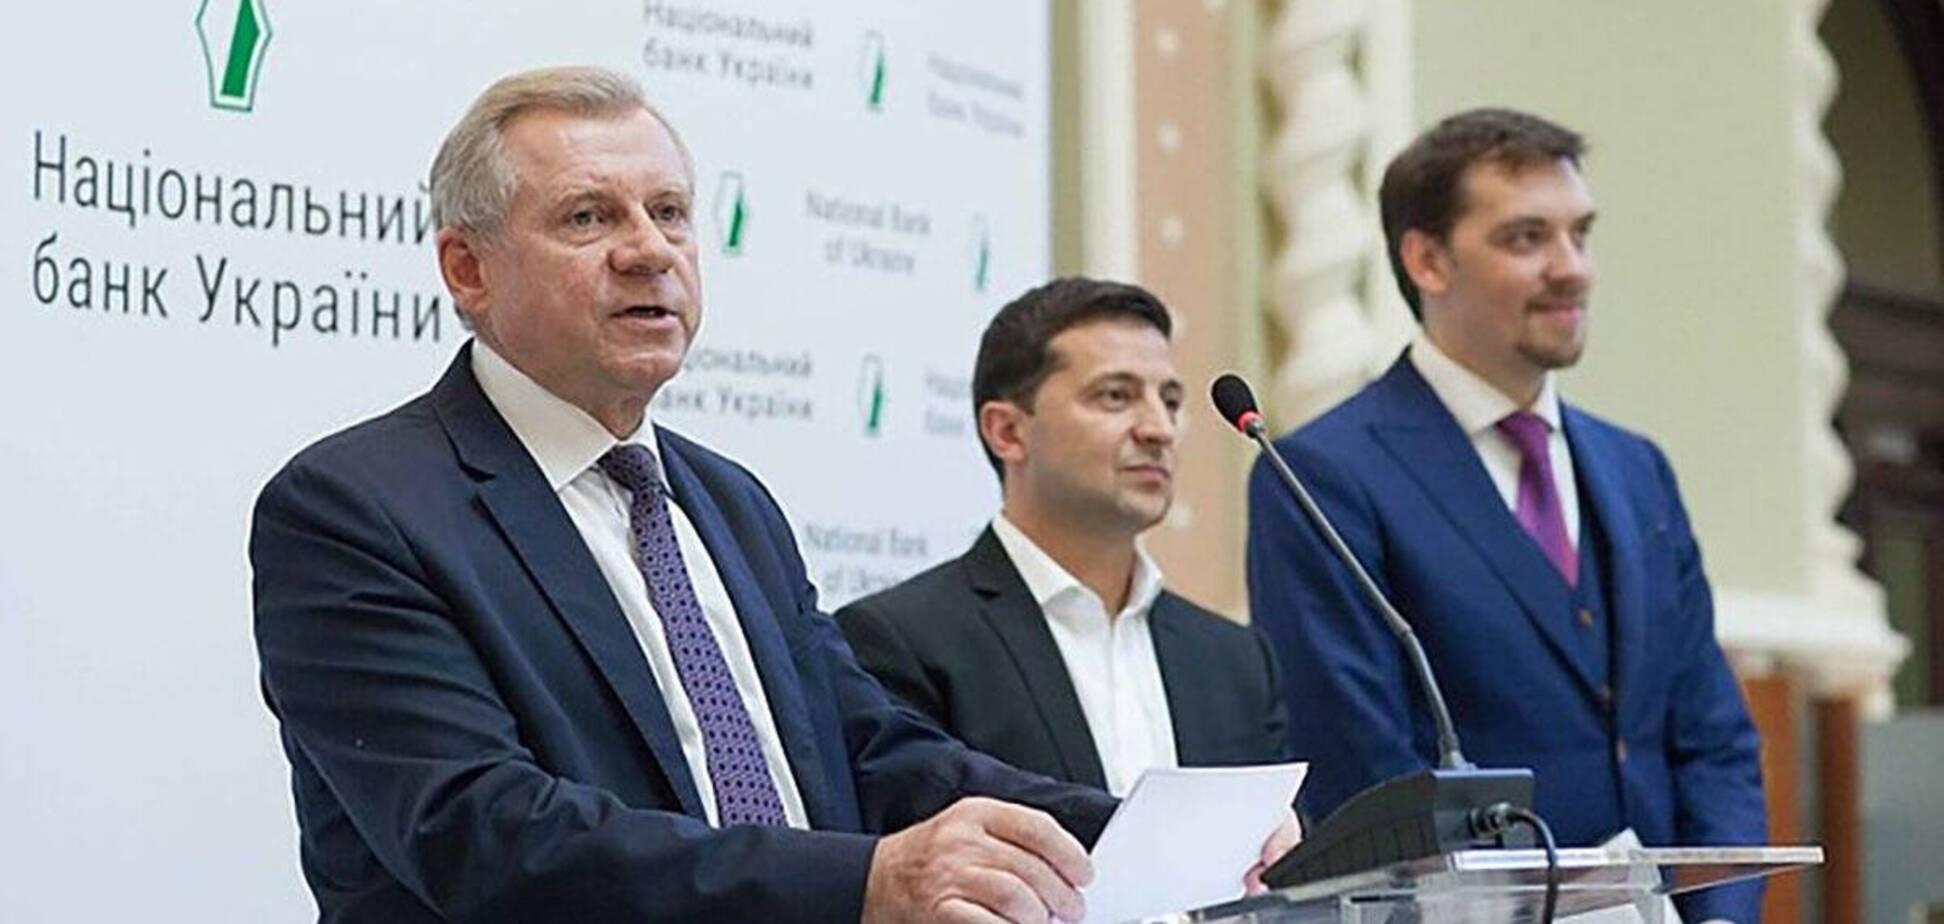 Яков Смолий и Владимир Зеленский